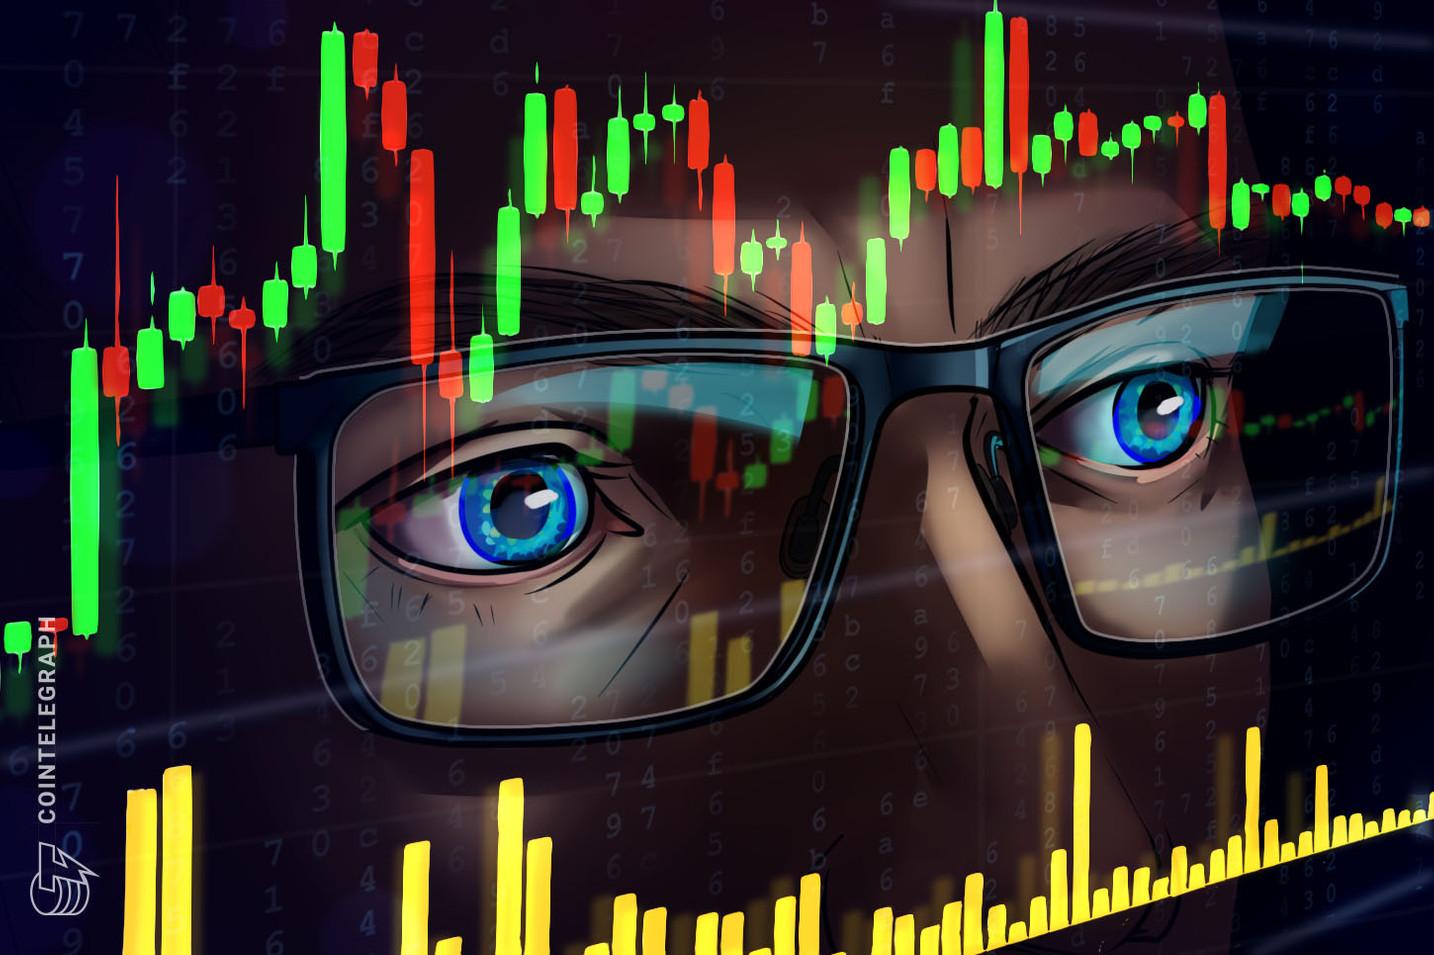 仮想通貨ビットコインついに3年ぶりに18000ドルを突破 アナリストが予想する反落はあるのか